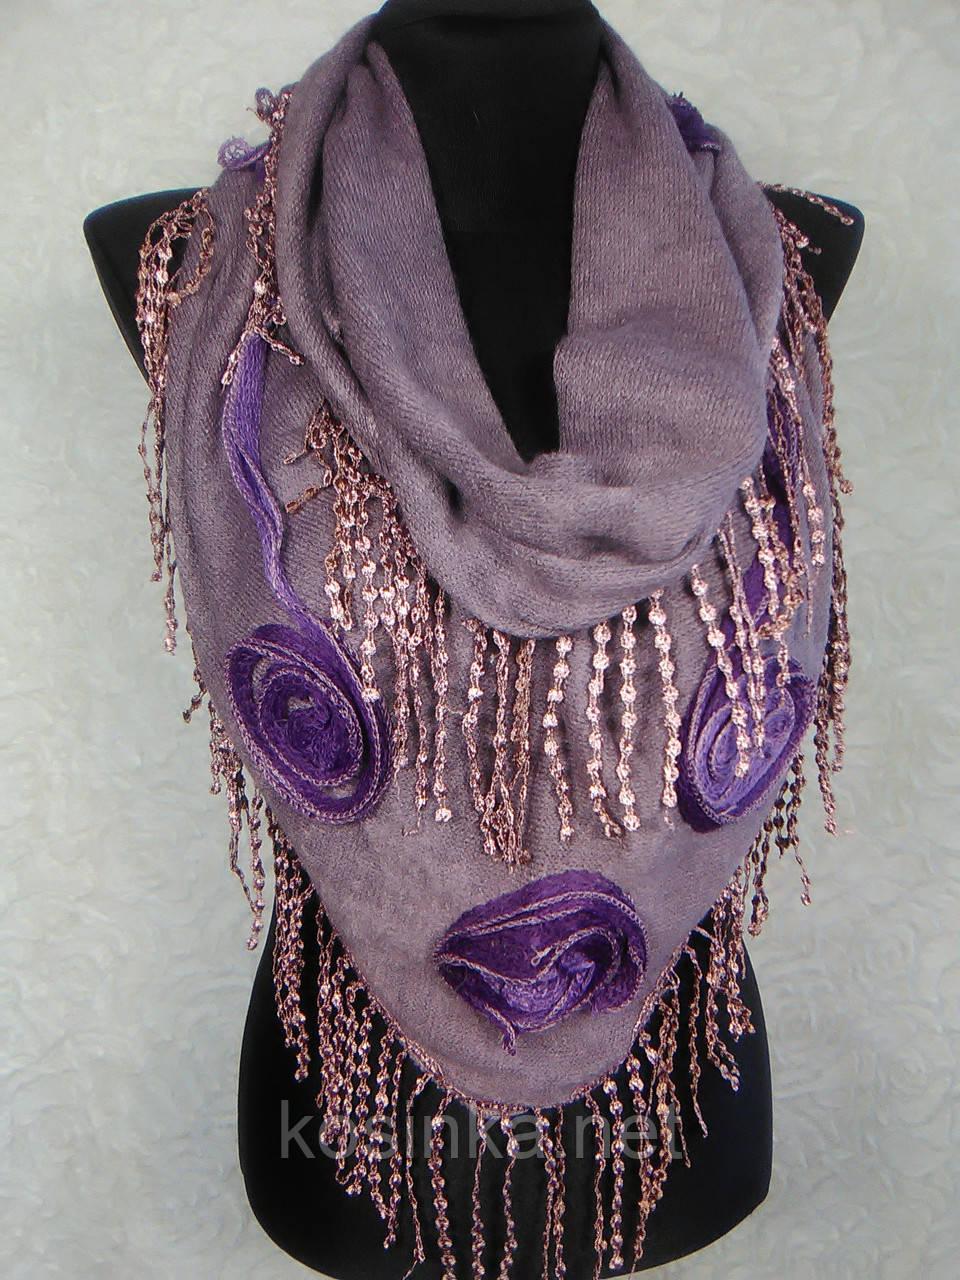 Женская теплая косынка «Ракушка» грязно-сиреневого цвета с цветами из ткани и бахромой - Kosinka.net